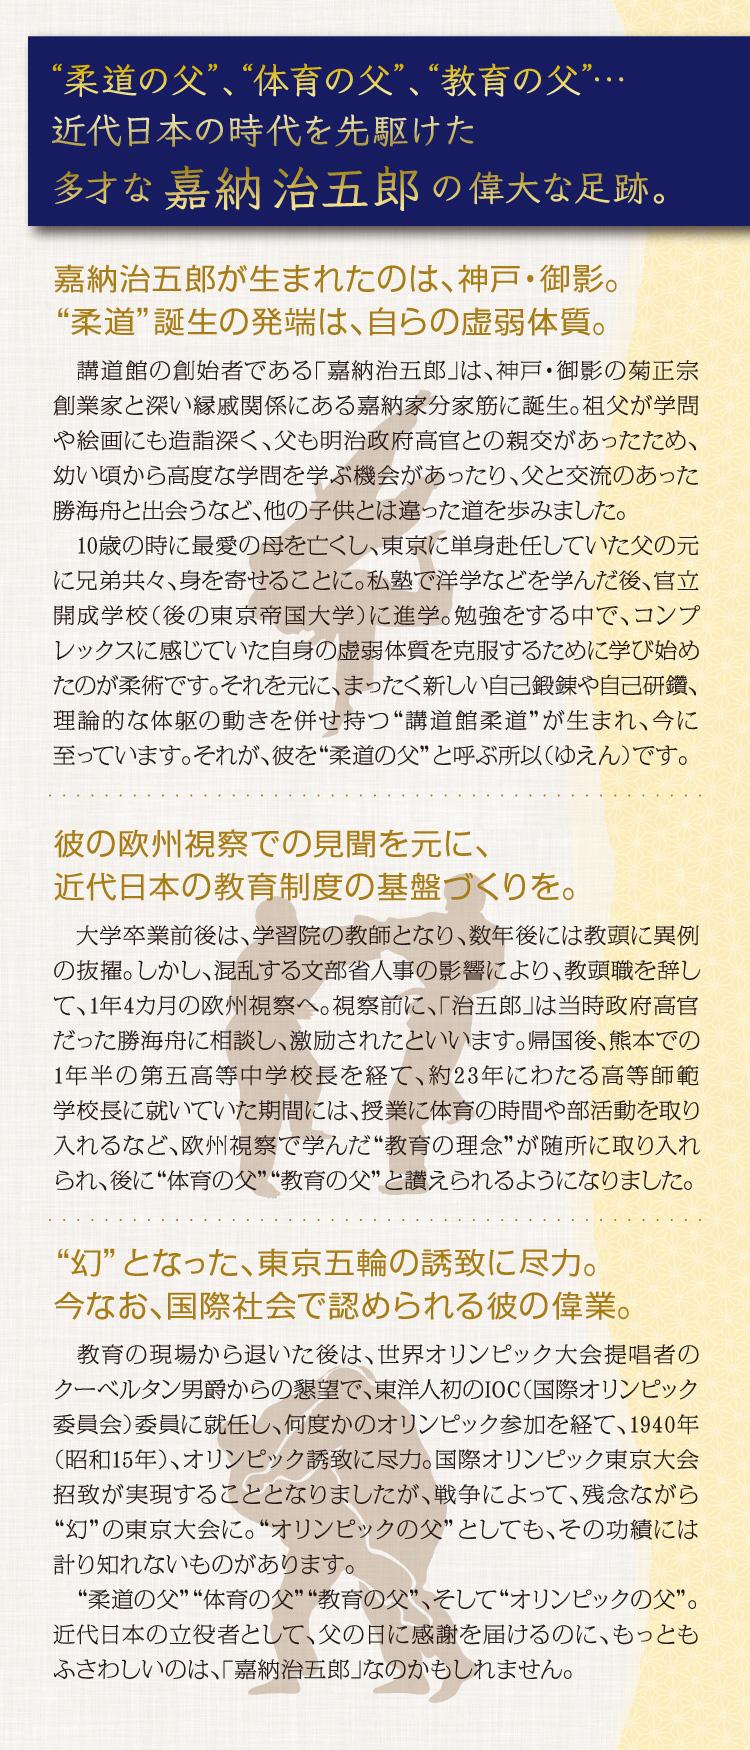 近代日本の時代を先駆けた、多才な嘉納治五郎の偉大な足跡